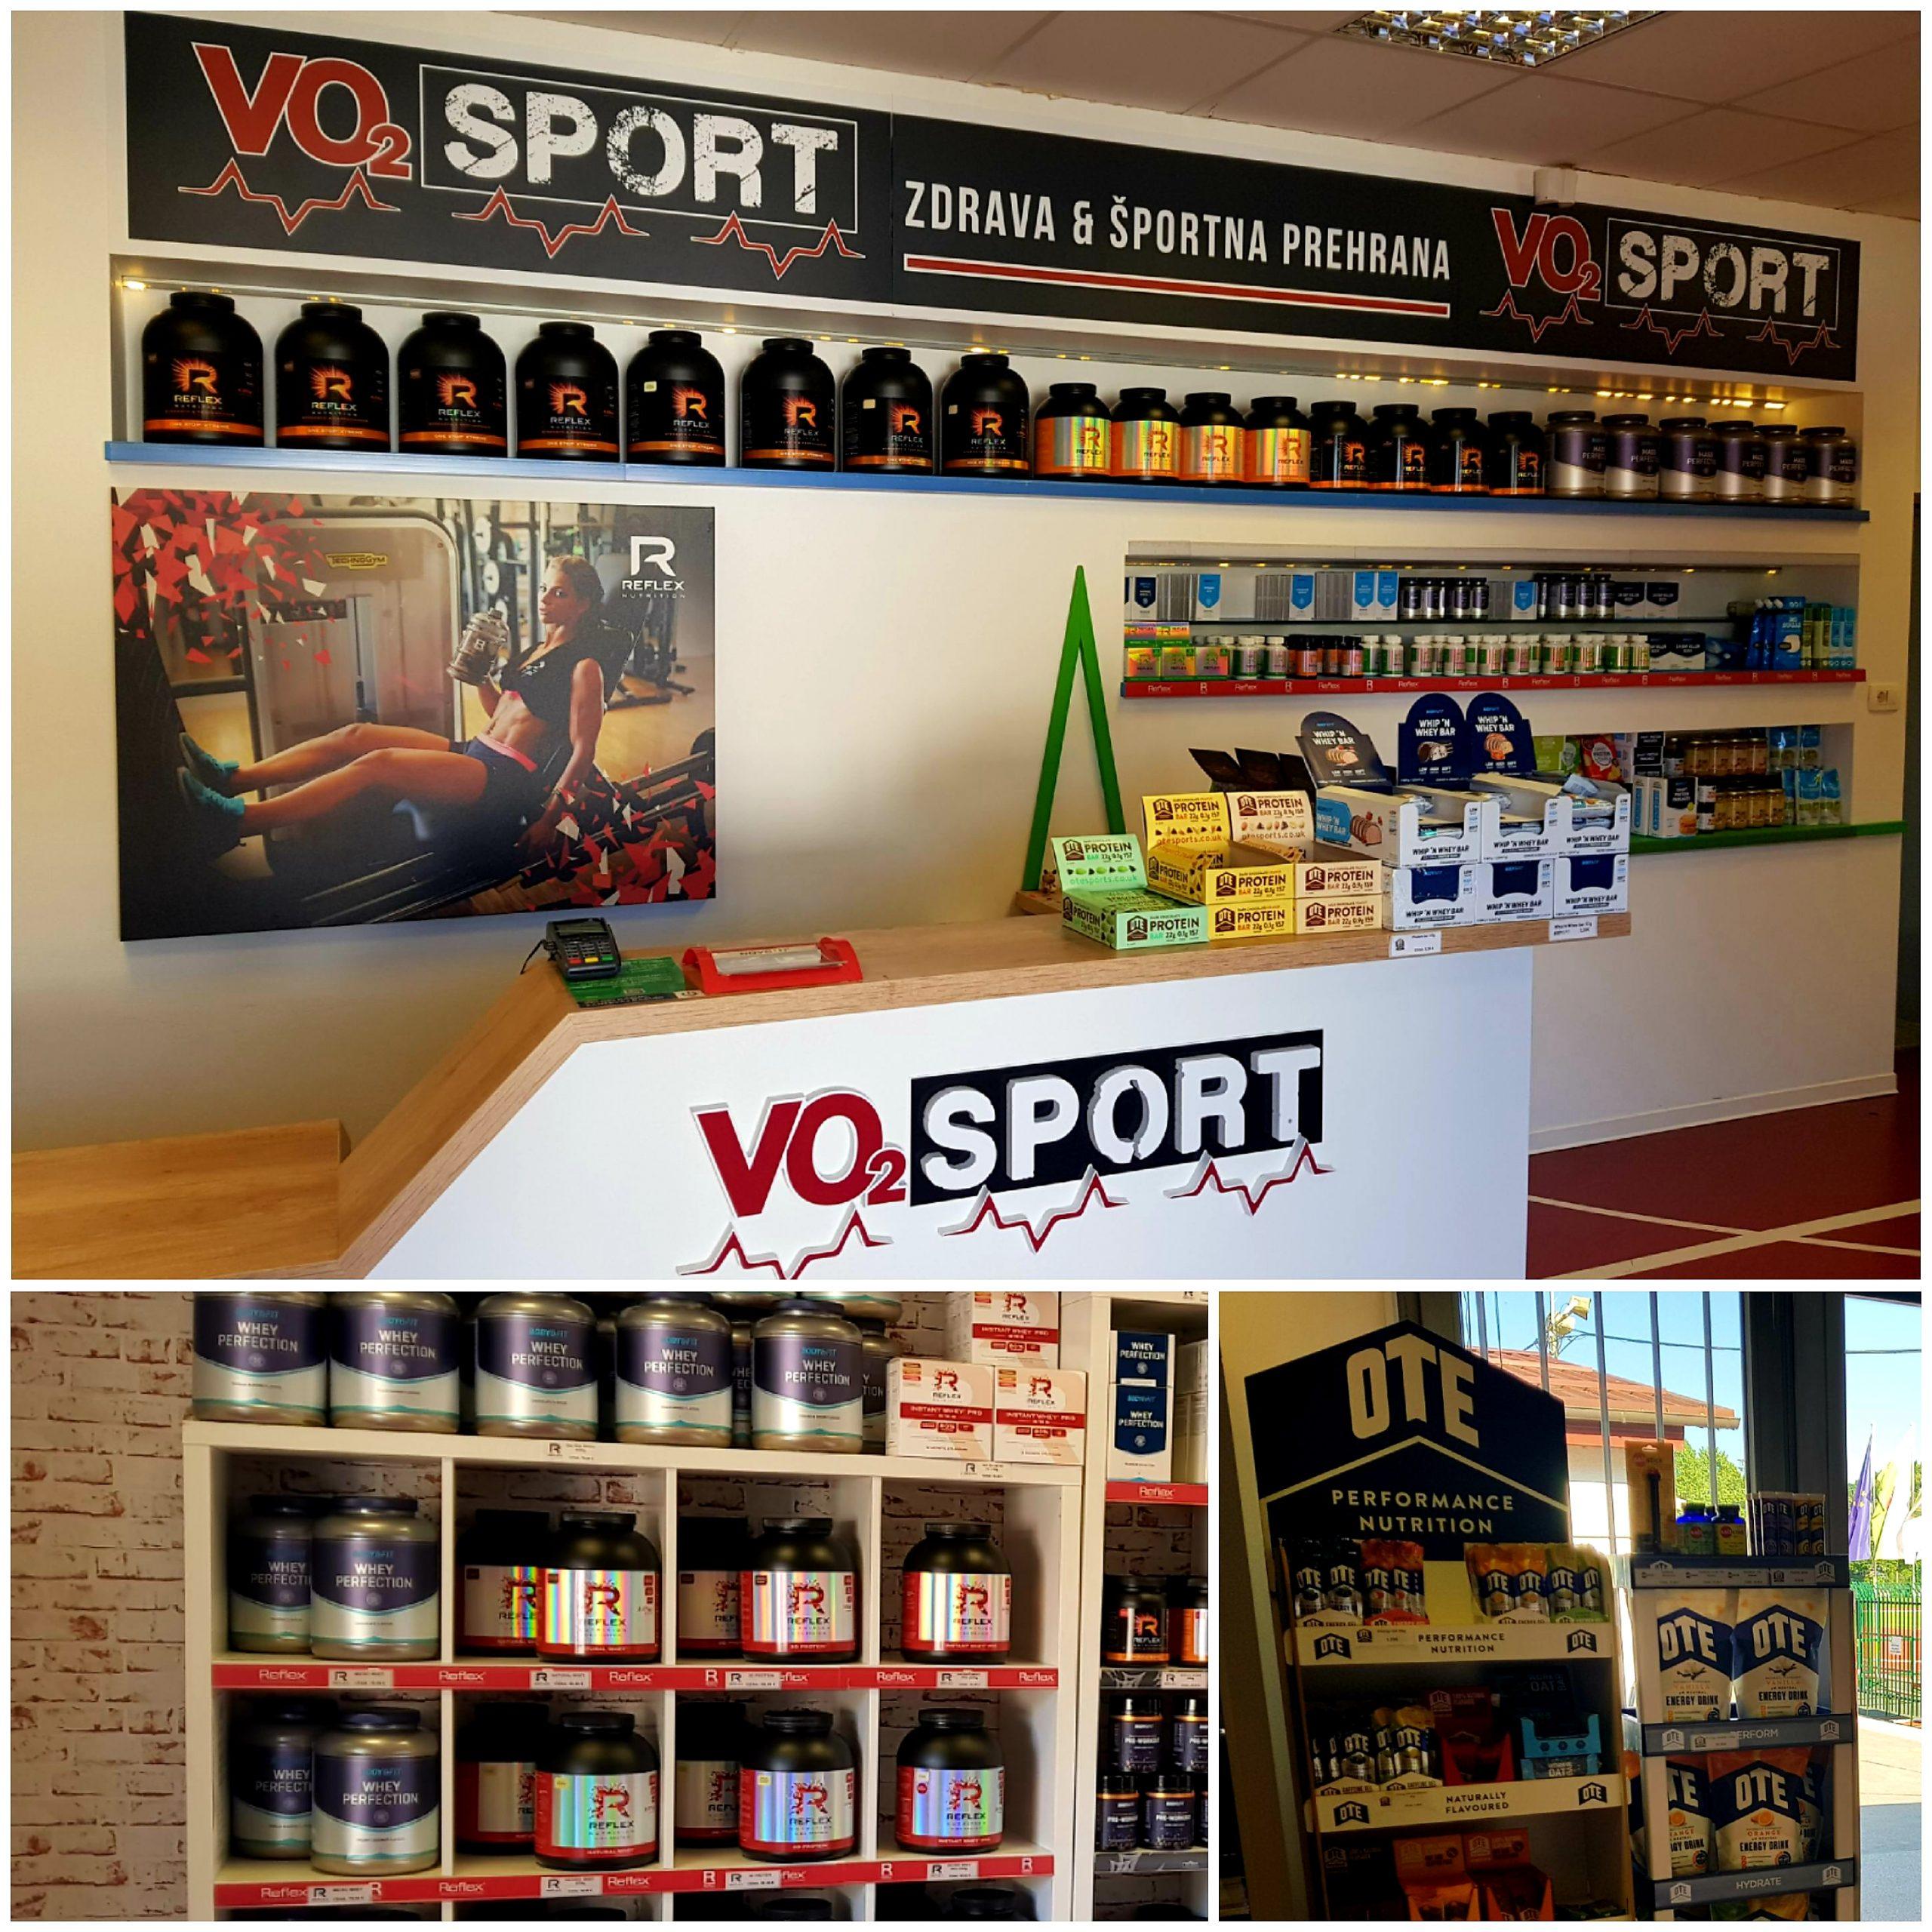 VO2 Sport Športna Prehrana - 20190626 173021 scaled